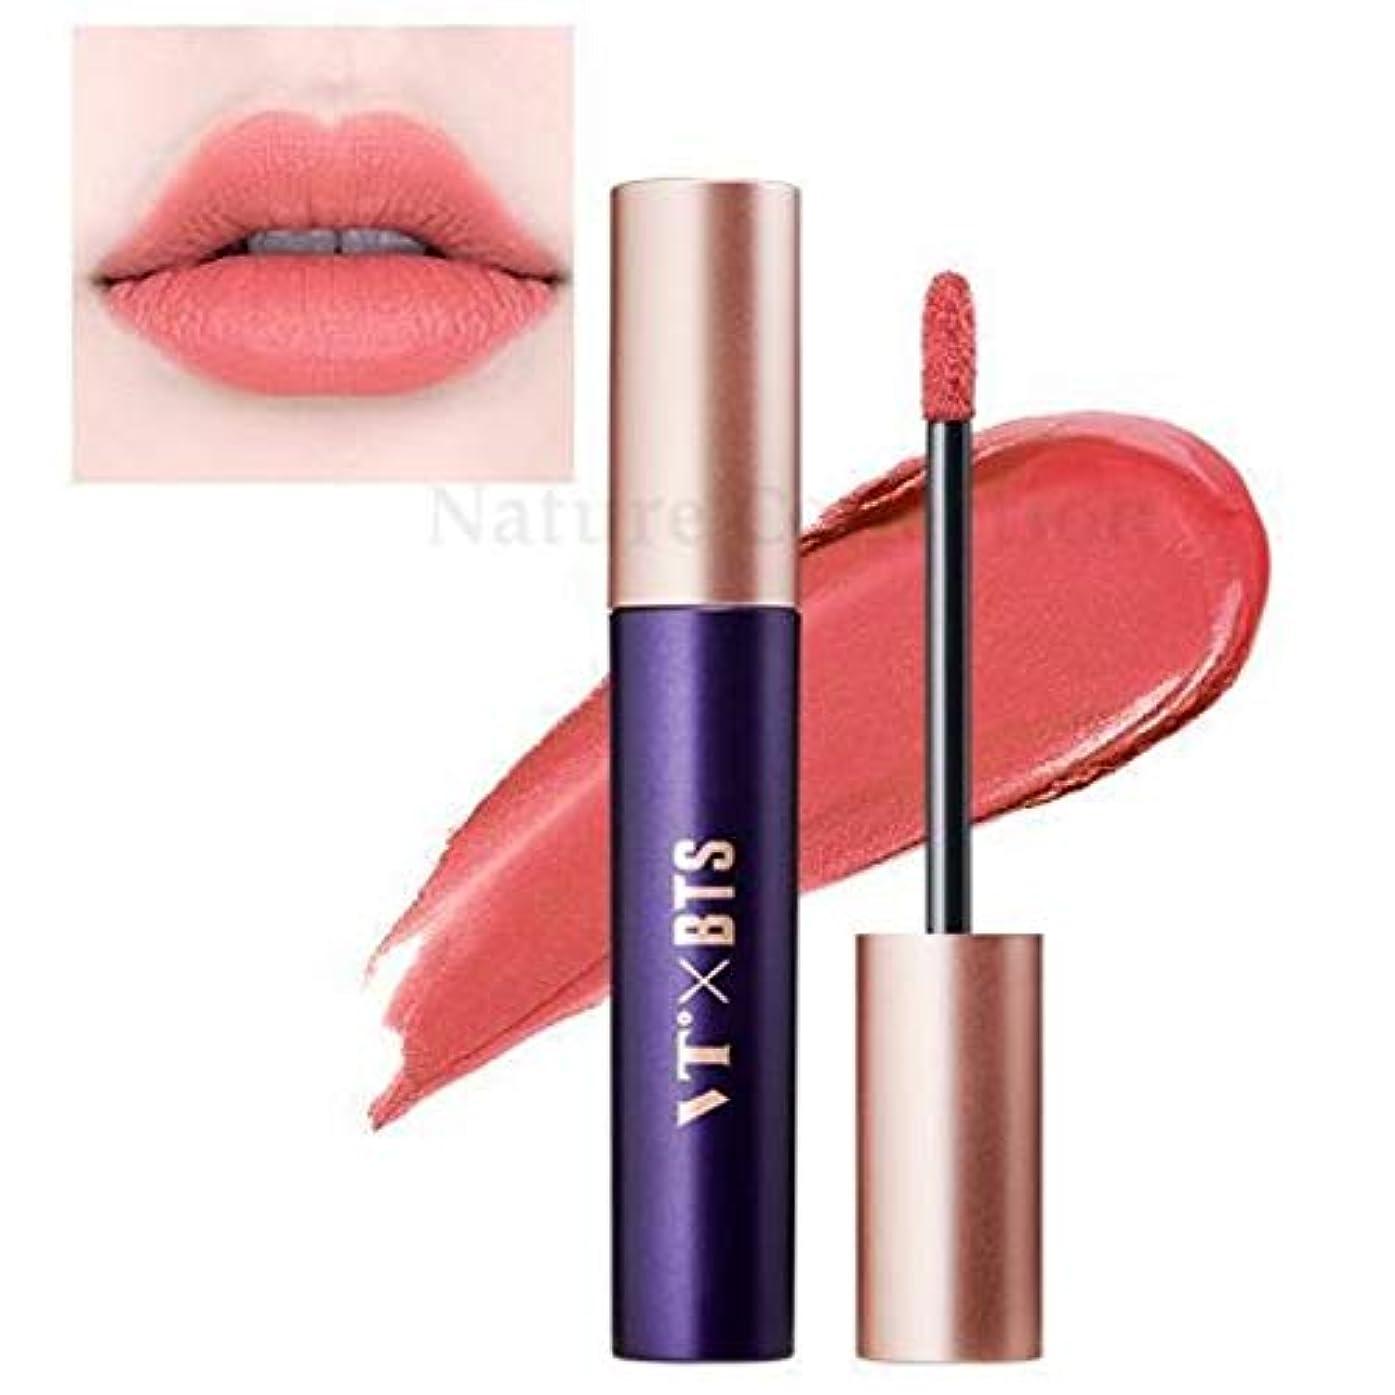 置くためにパックごみ判読できないVT X BTS Super Tempting Lip Rouge / スーパーテンプティング リップルージュ (4ml) / BTS コラボ (04.Lovesick) [並行輸入品]